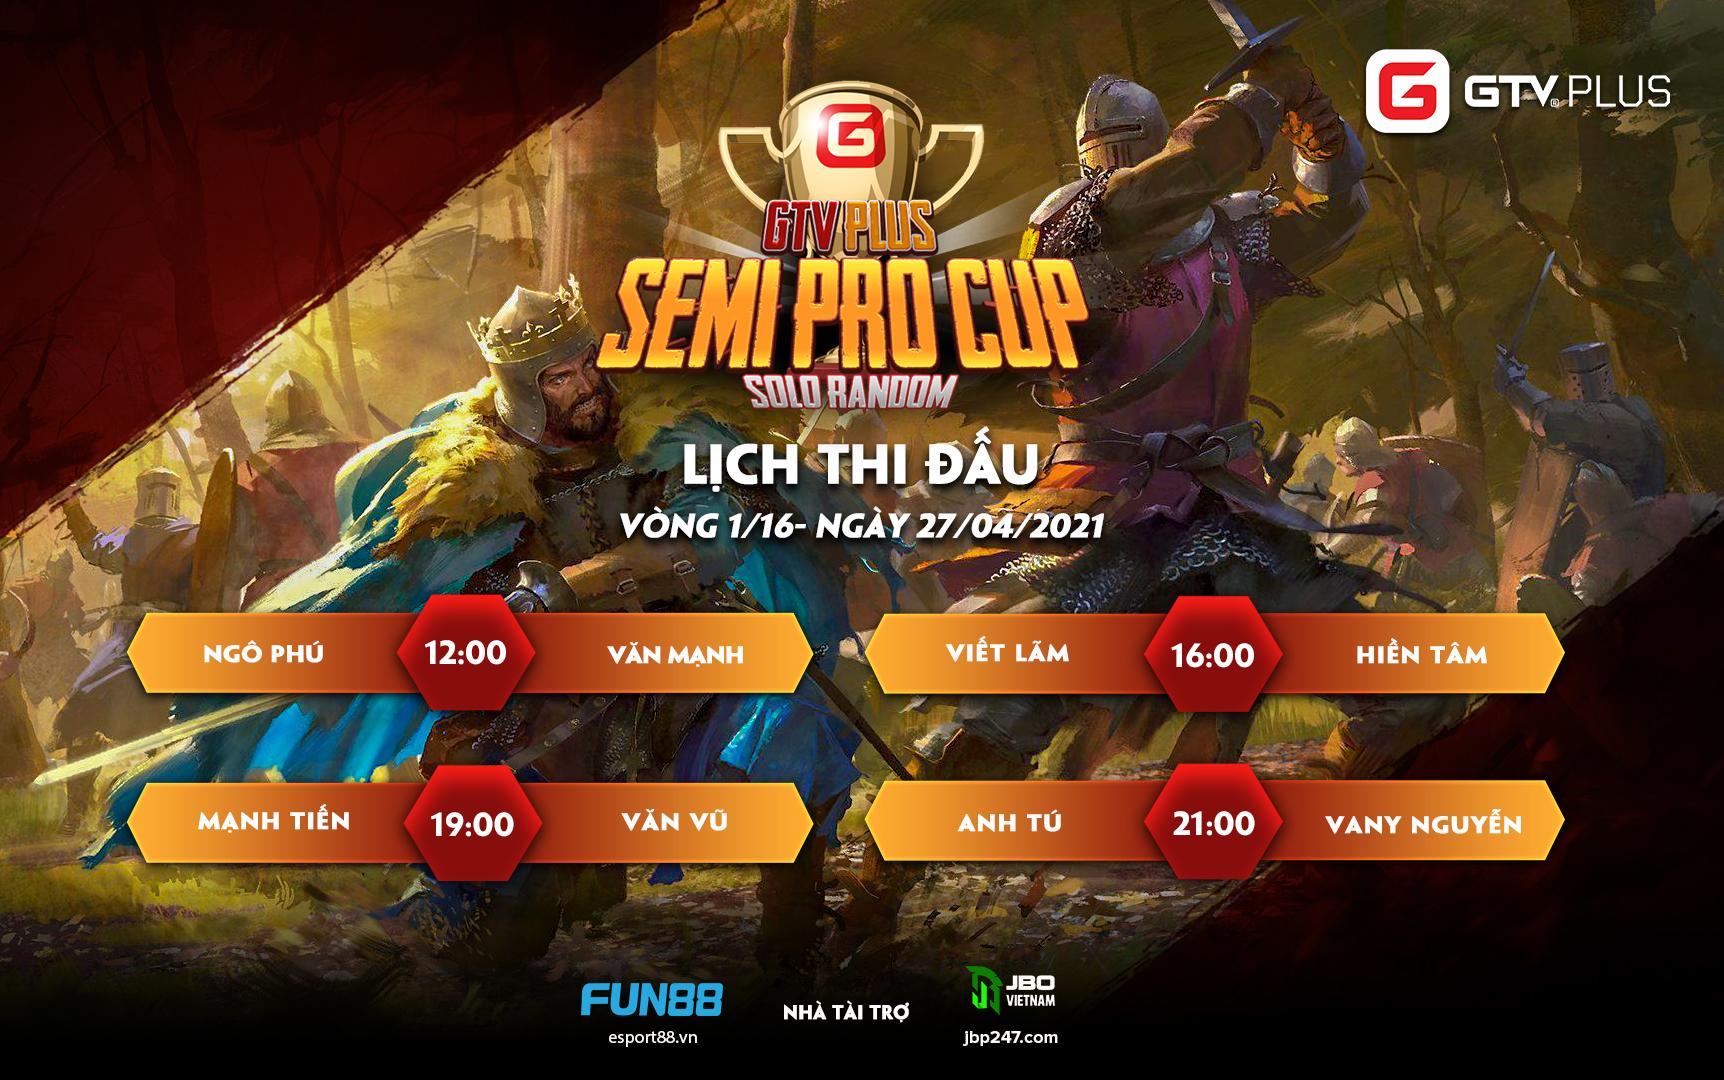 Lịch thi đấu ngày thi đấu ngày 27 tháng 4 Giải đấu GTV Semi Pro Cup 2021